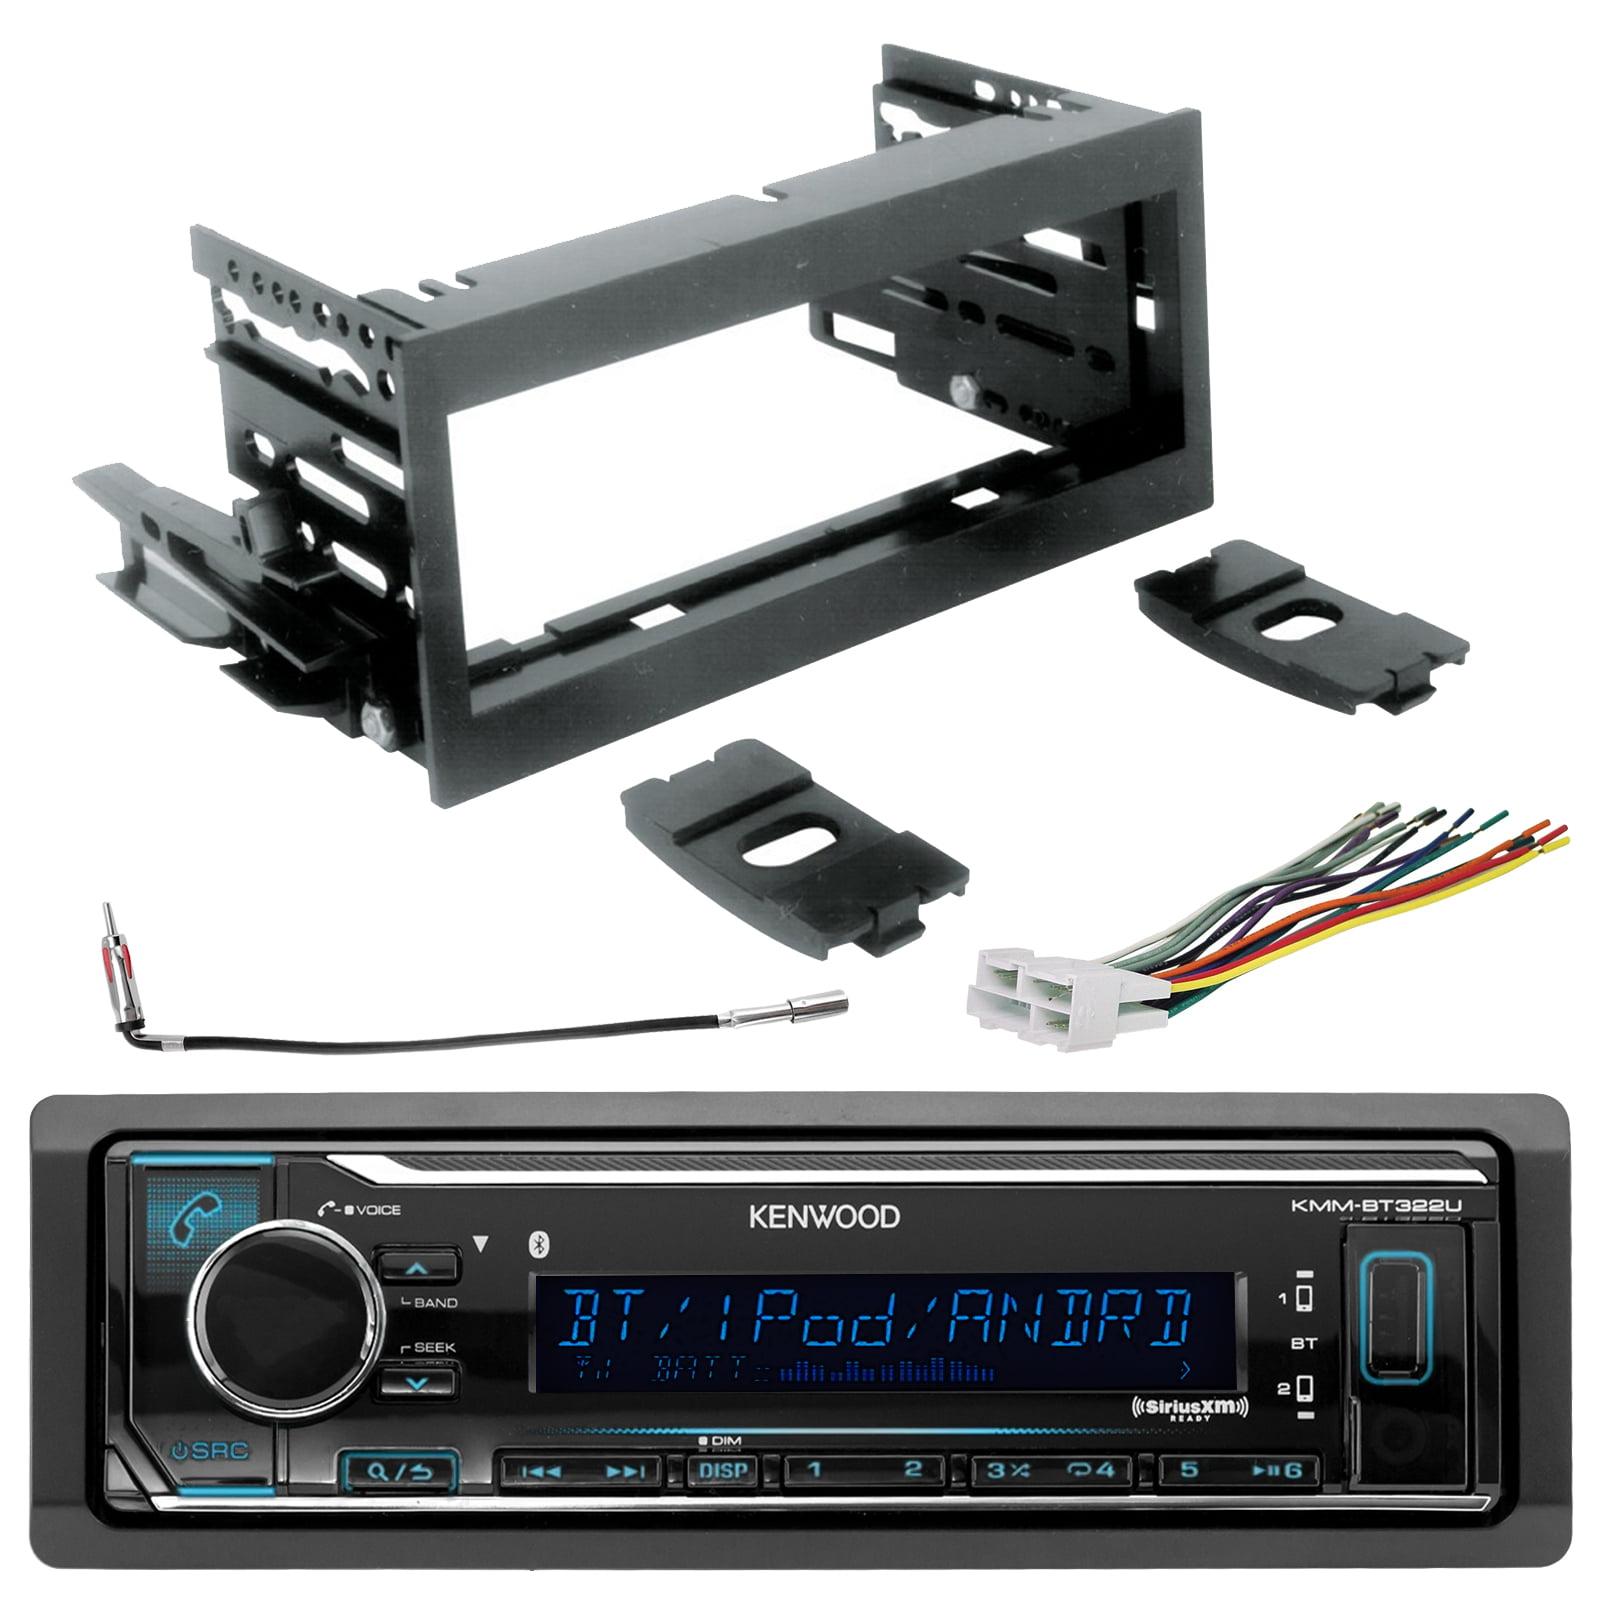 Kenwood Radio Wiring